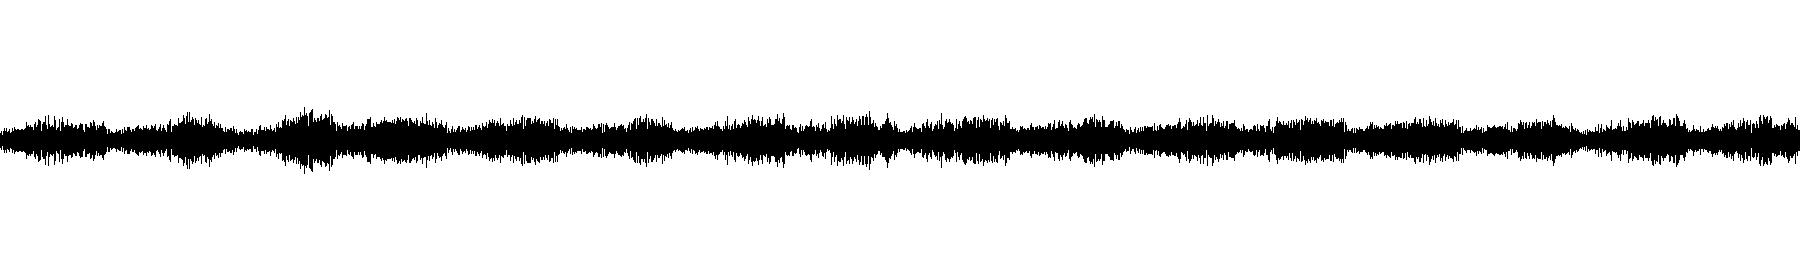 pth synth 25b